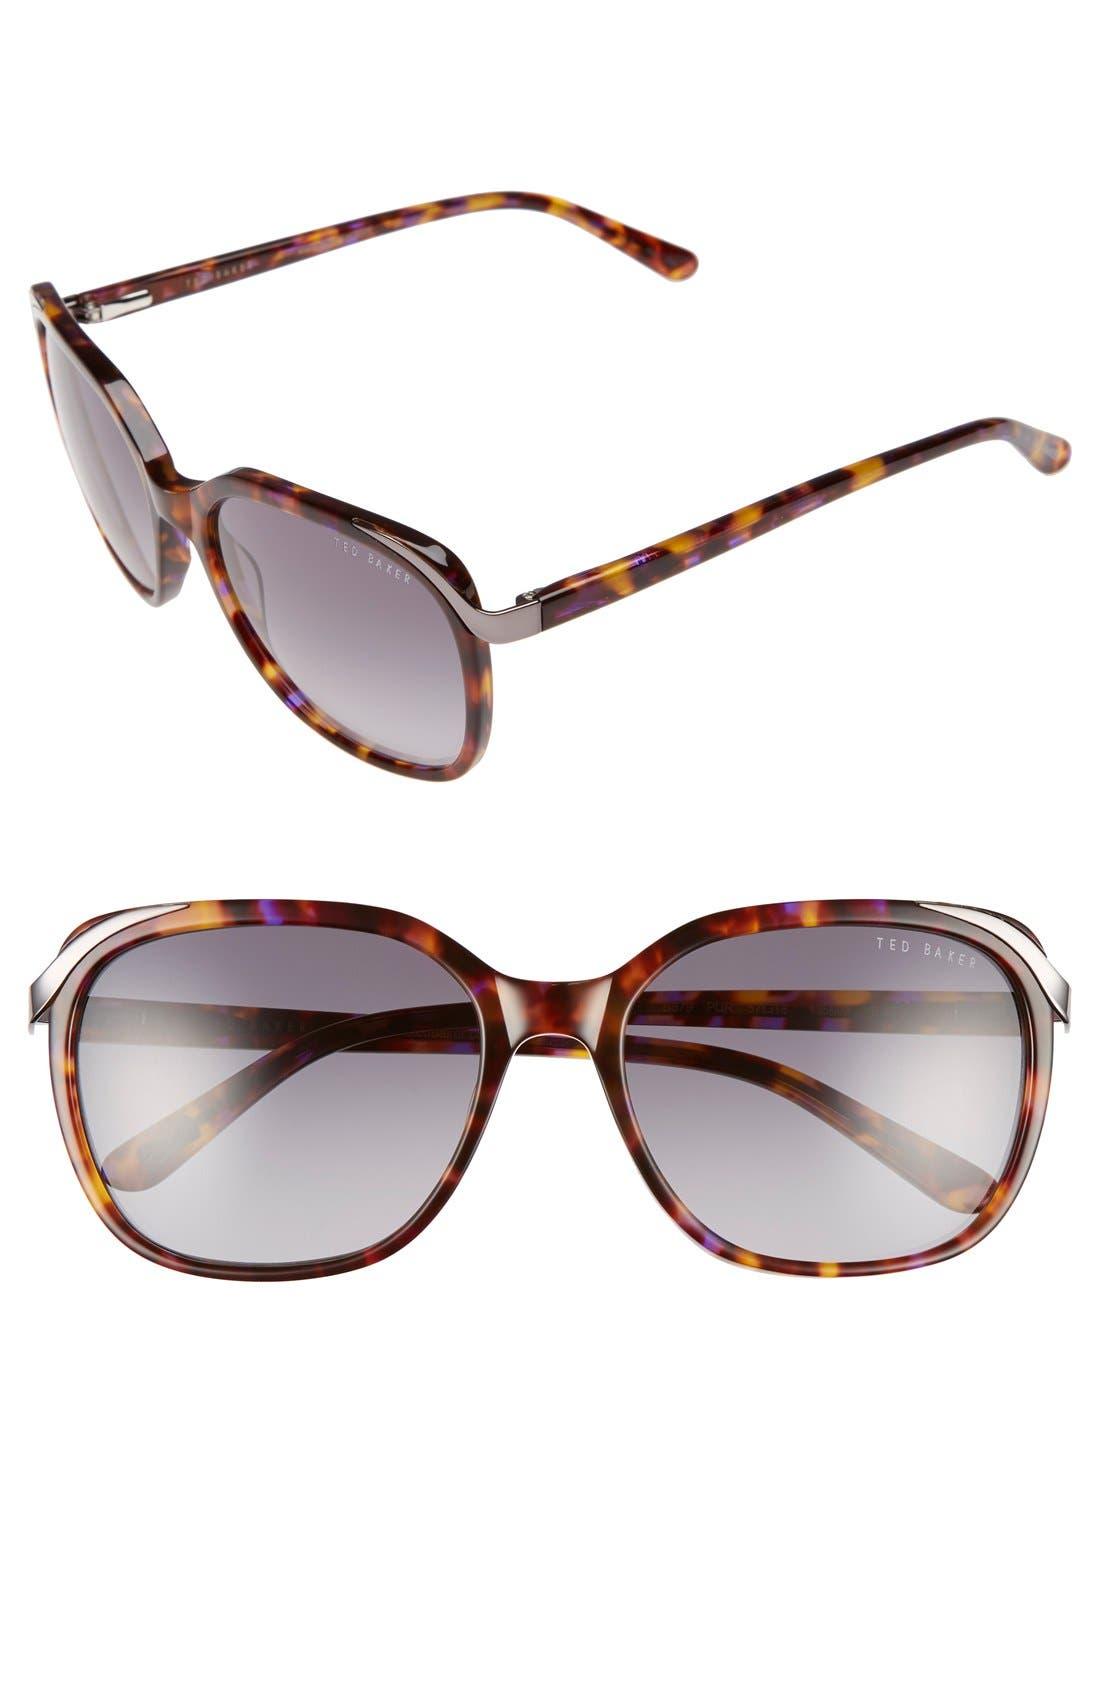 TED BAKER LONDON 57mm Oversized Sunglasses